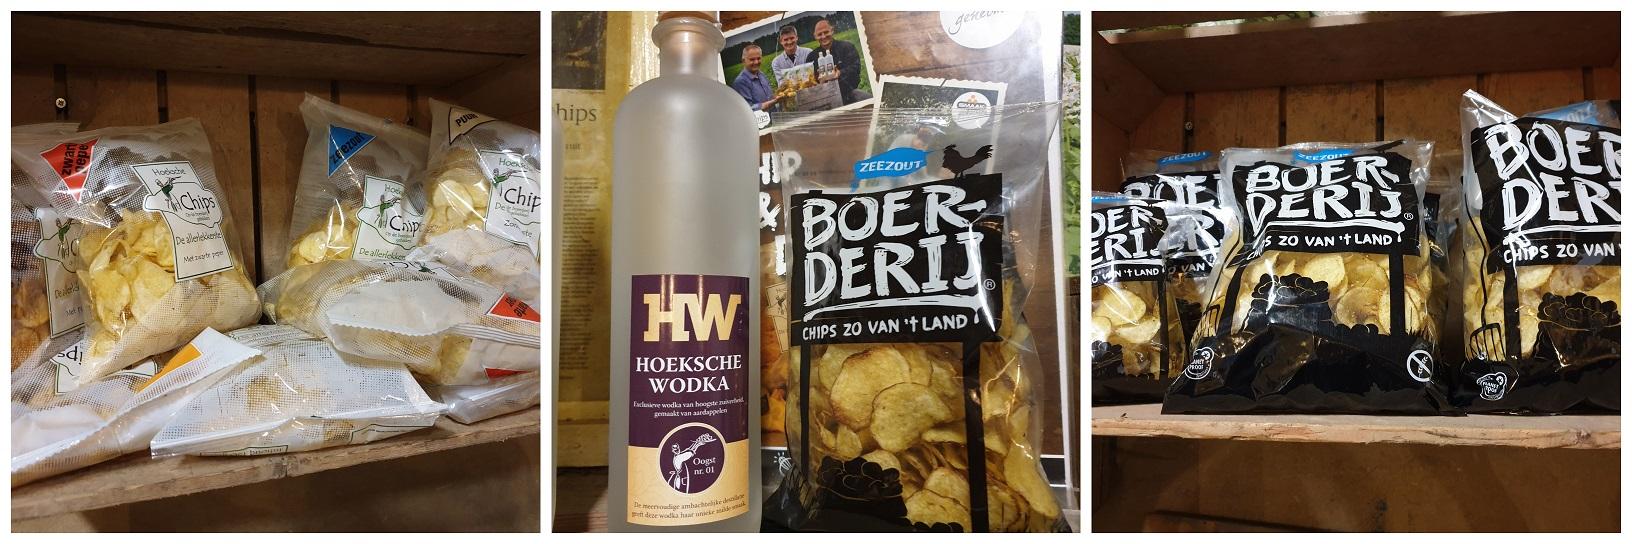 Hoeksche Chips en Boerderij Chips